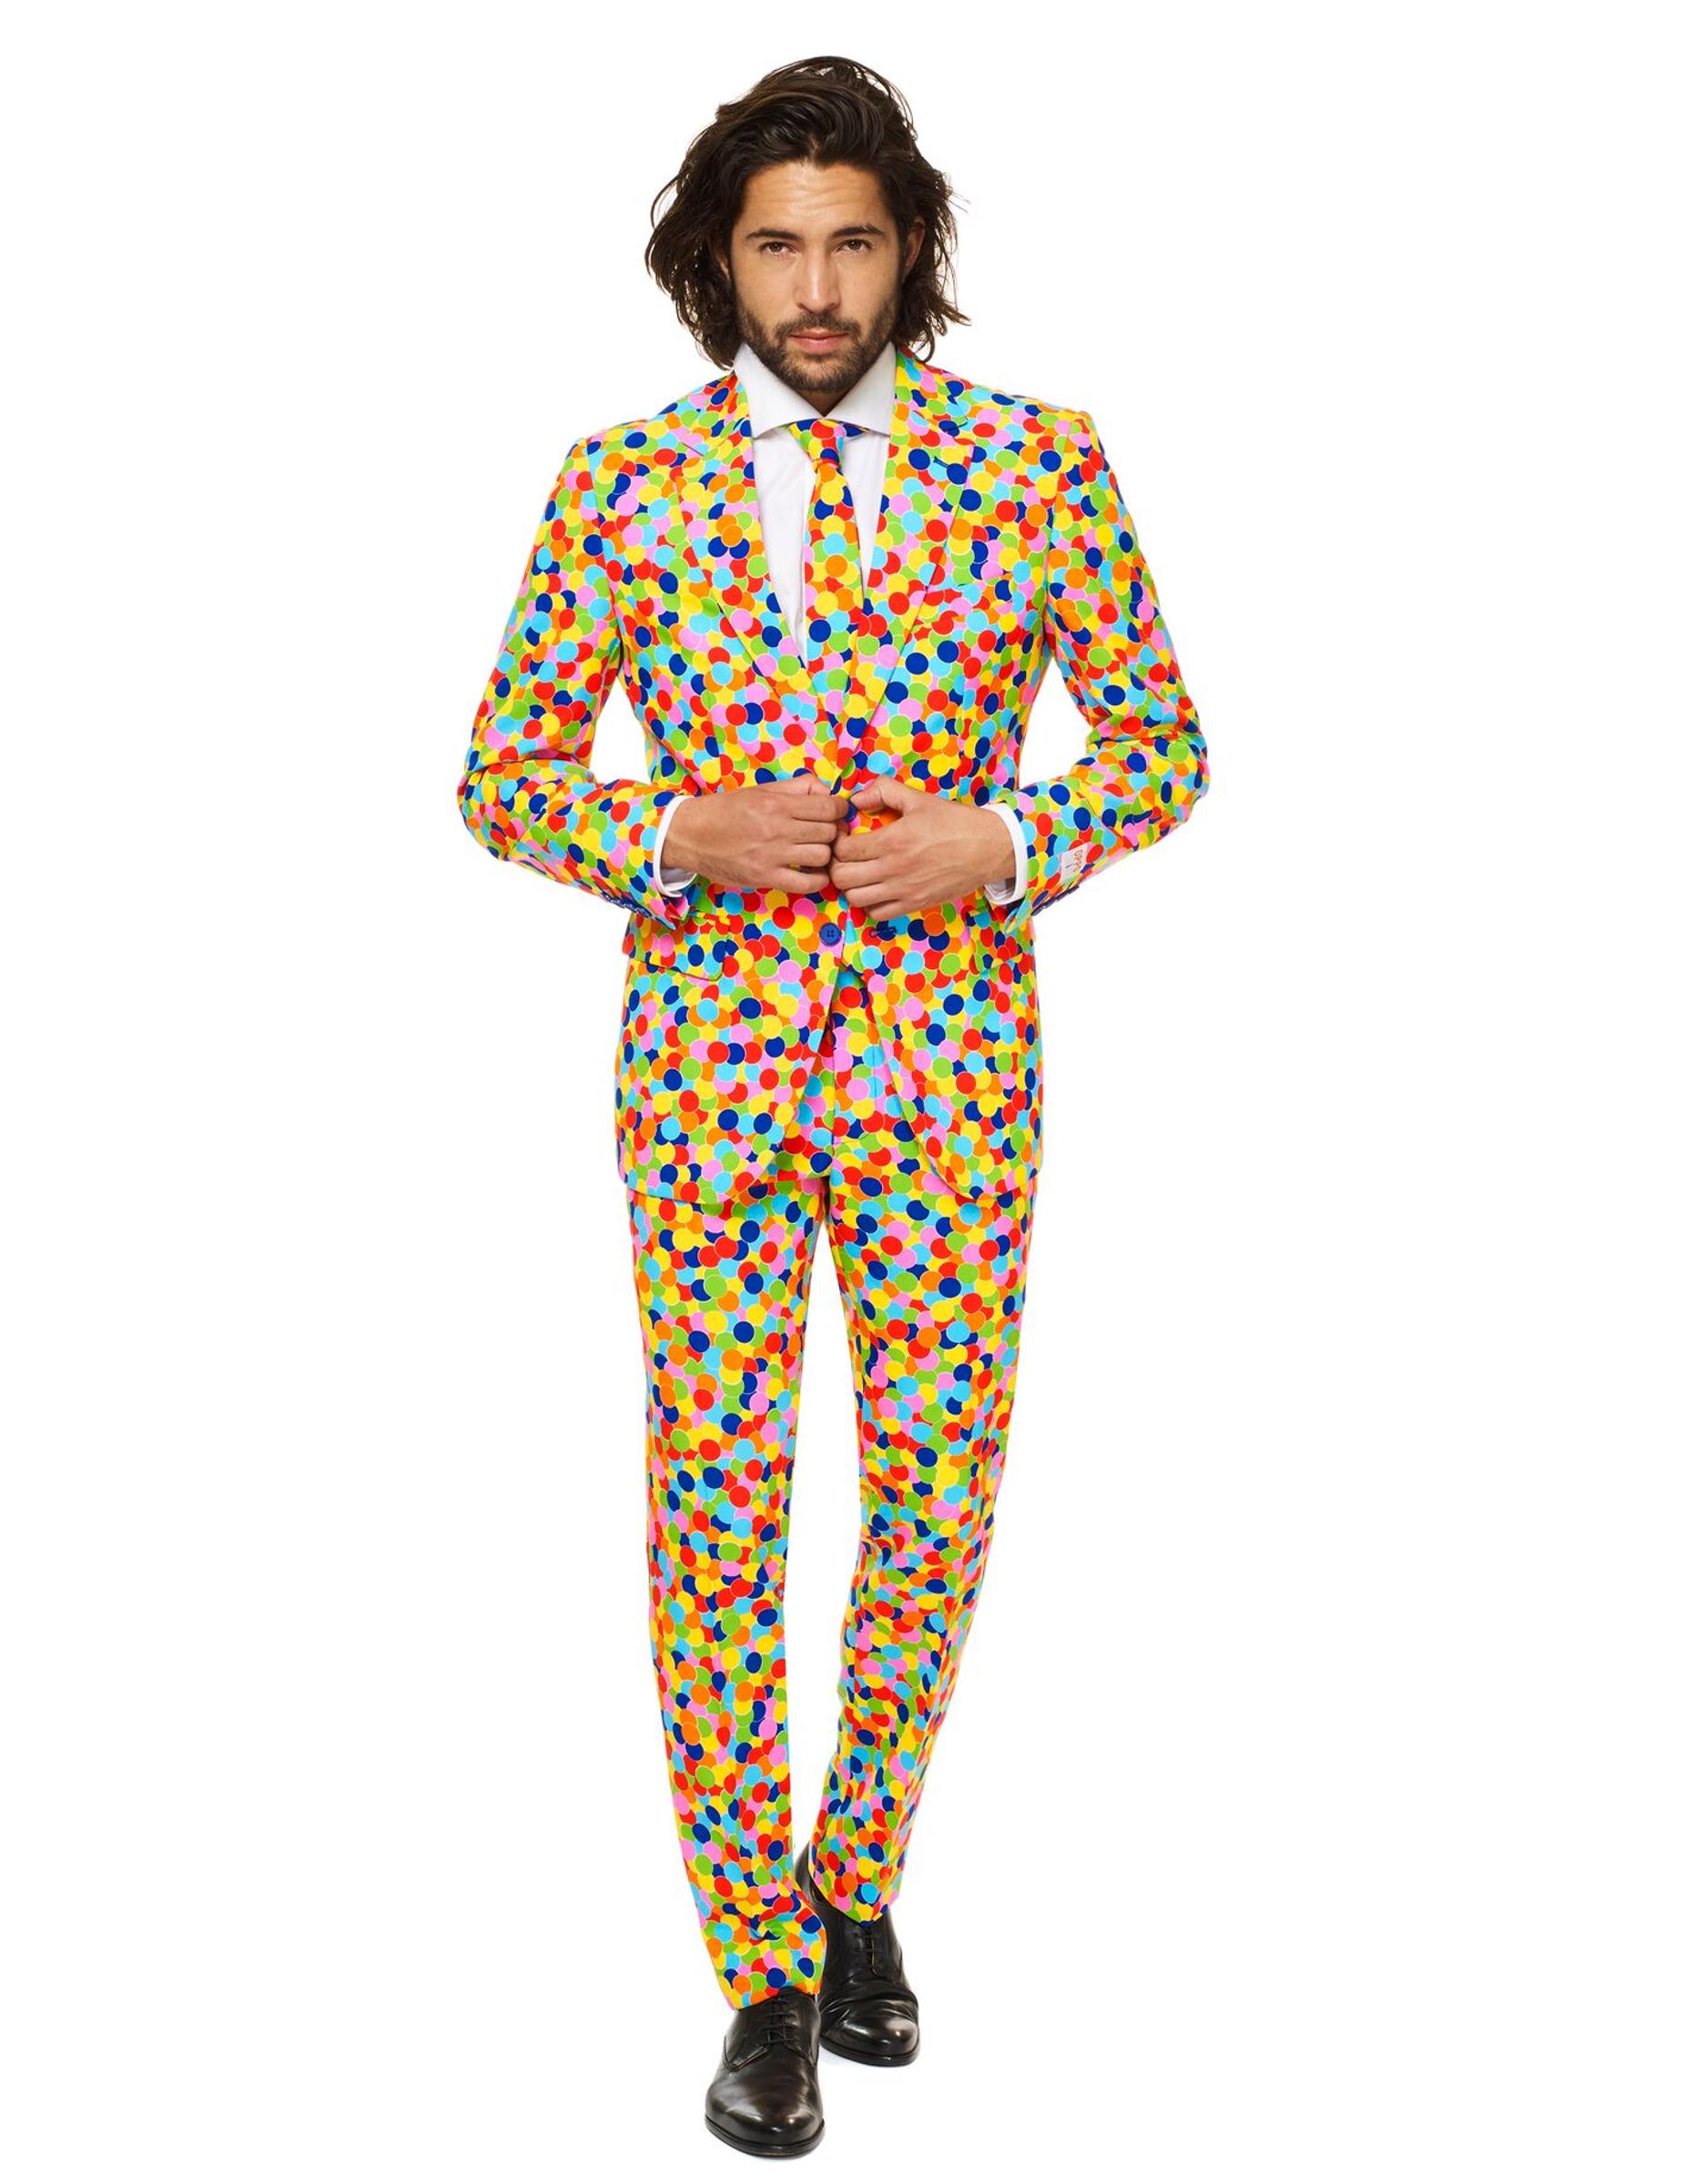 mr confetteroni herren anzug opposuits bunt kost me f r erwachsene und g nstige. Black Bedroom Furniture Sets. Home Design Ideas